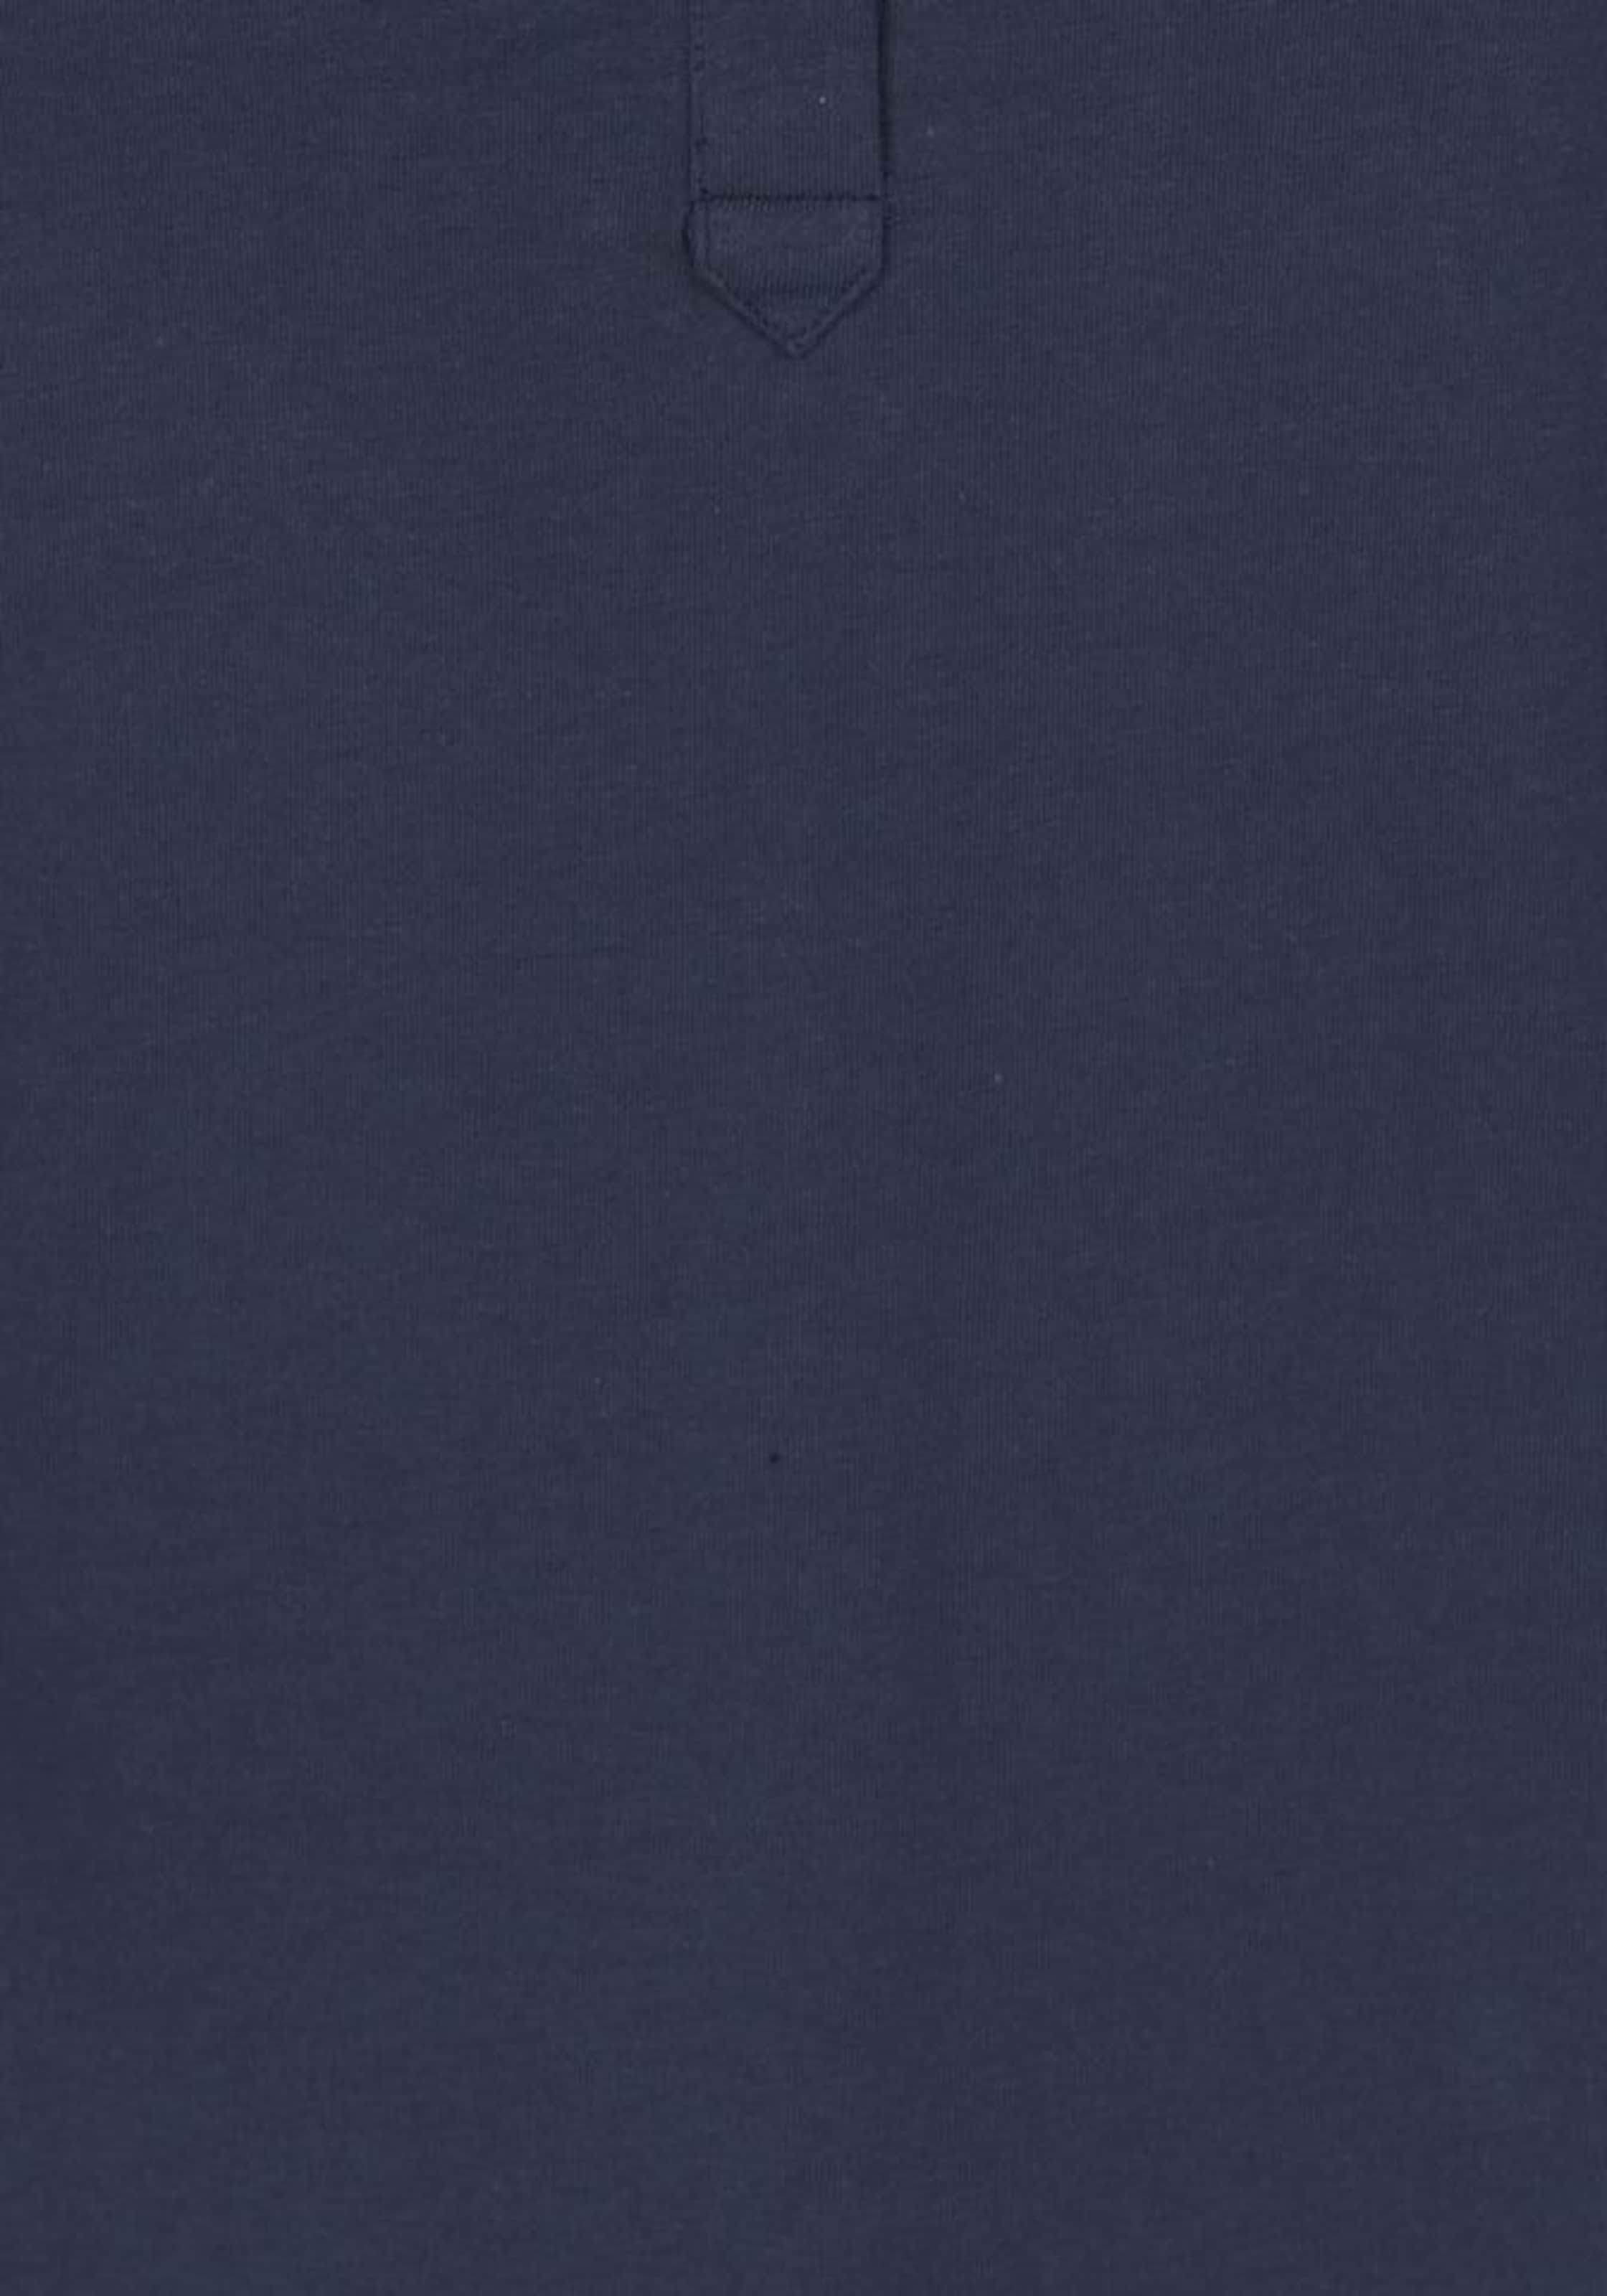 CHEER Langarmshirts Rabatt Beste Geschäft Zu Bekommen Unter 70 Dollar Shop-Angebot Günstig Online Billig Verkauf Vermarktbare FiXCQ3u6Wb